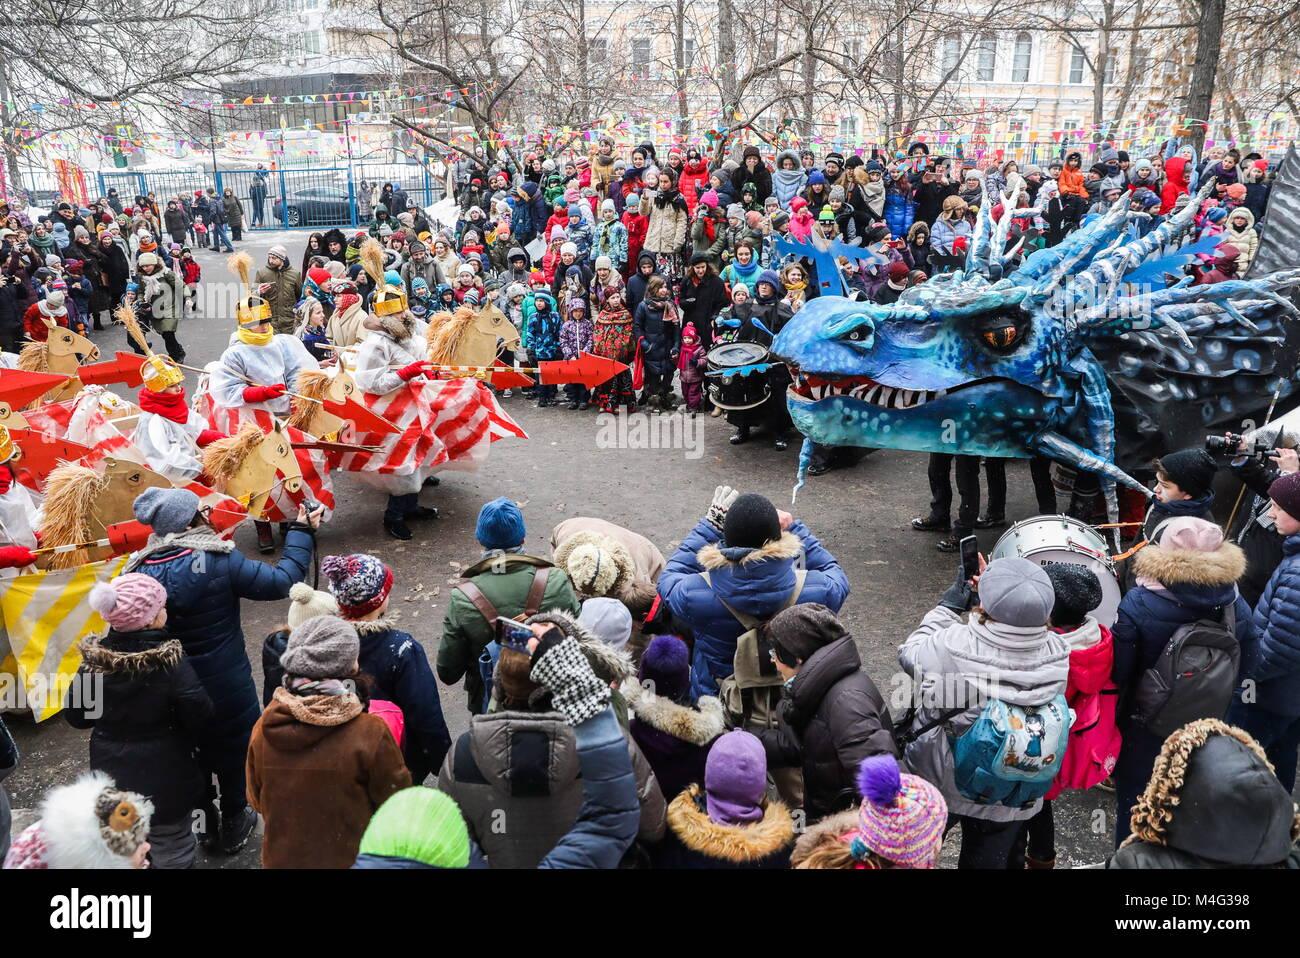 Moscou, Russie. 16 Février, 2018. Les élèves regarder un spectacle théâtral représentant une bataille entre chevaliers Banque D'Images